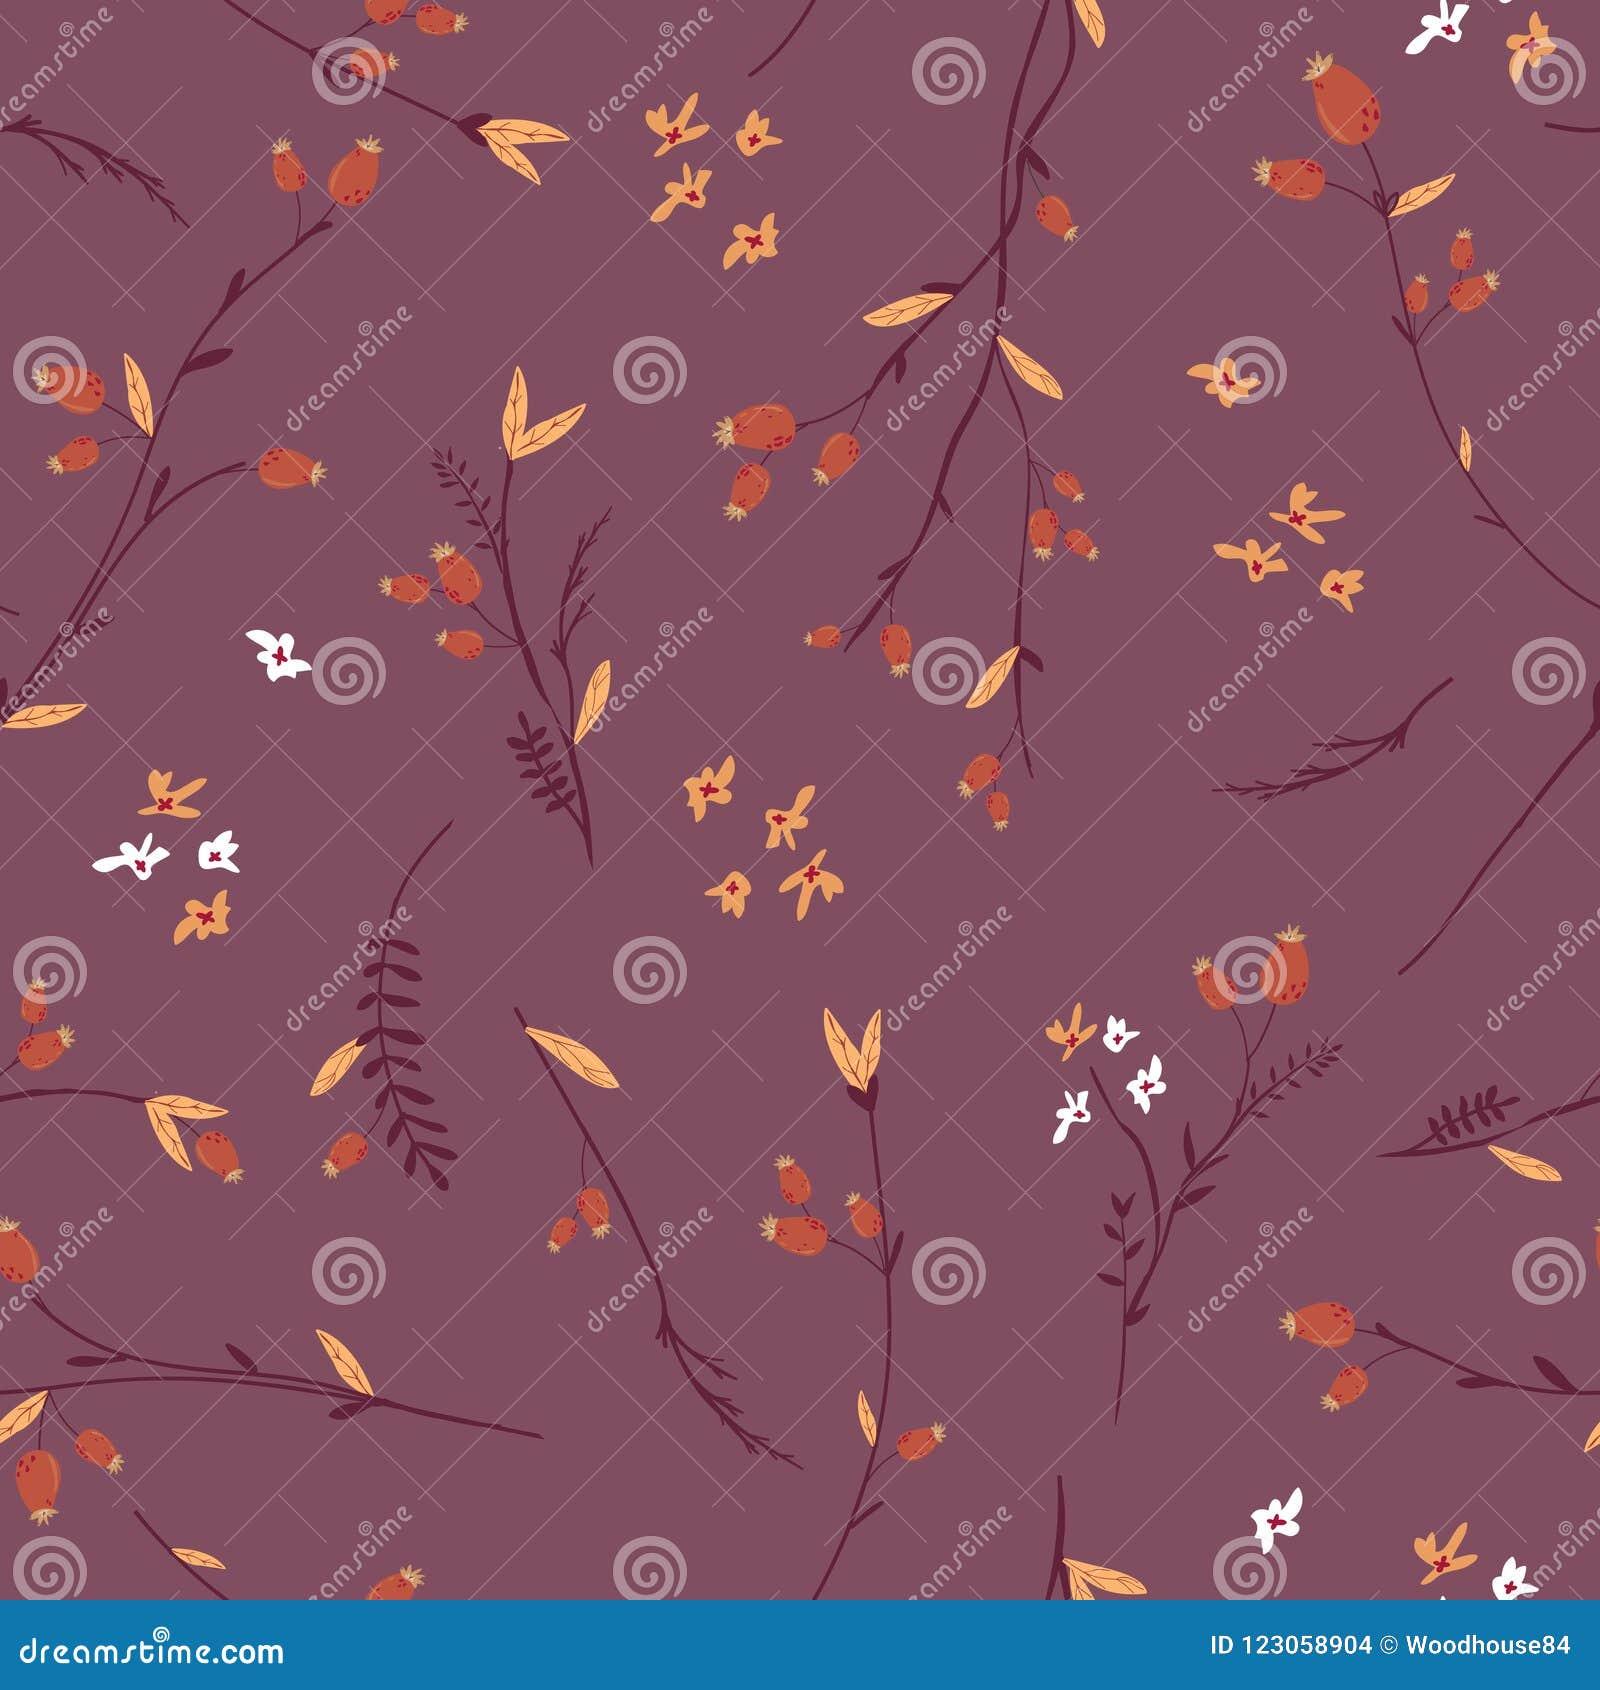 Autumn Floral Seamless Pattern mit Blättern und Blumen Fall-Weinlese-Natur-Hintergrund für Gewebe, Tapete